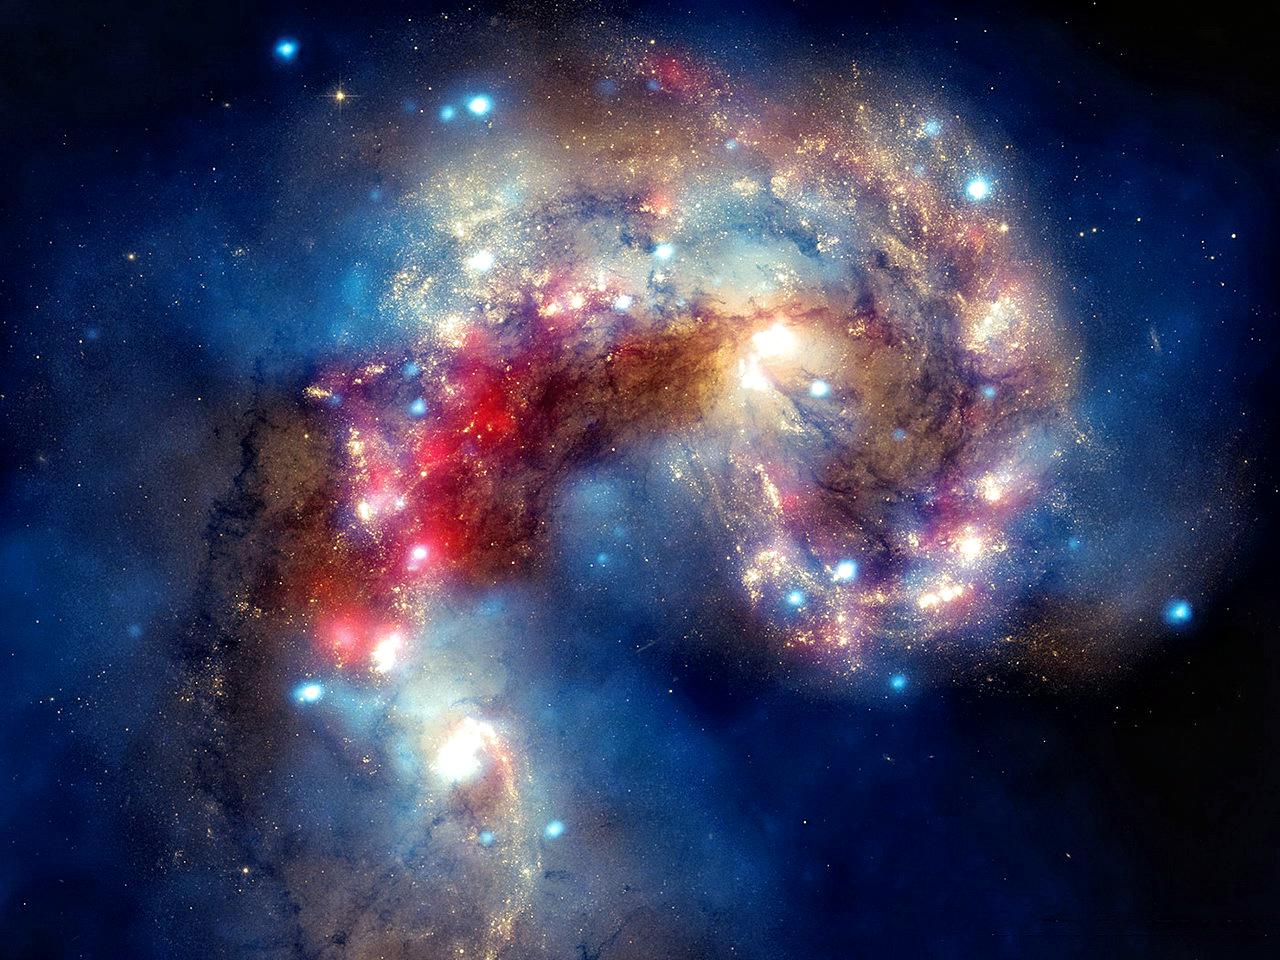 astroturismo en trujillo